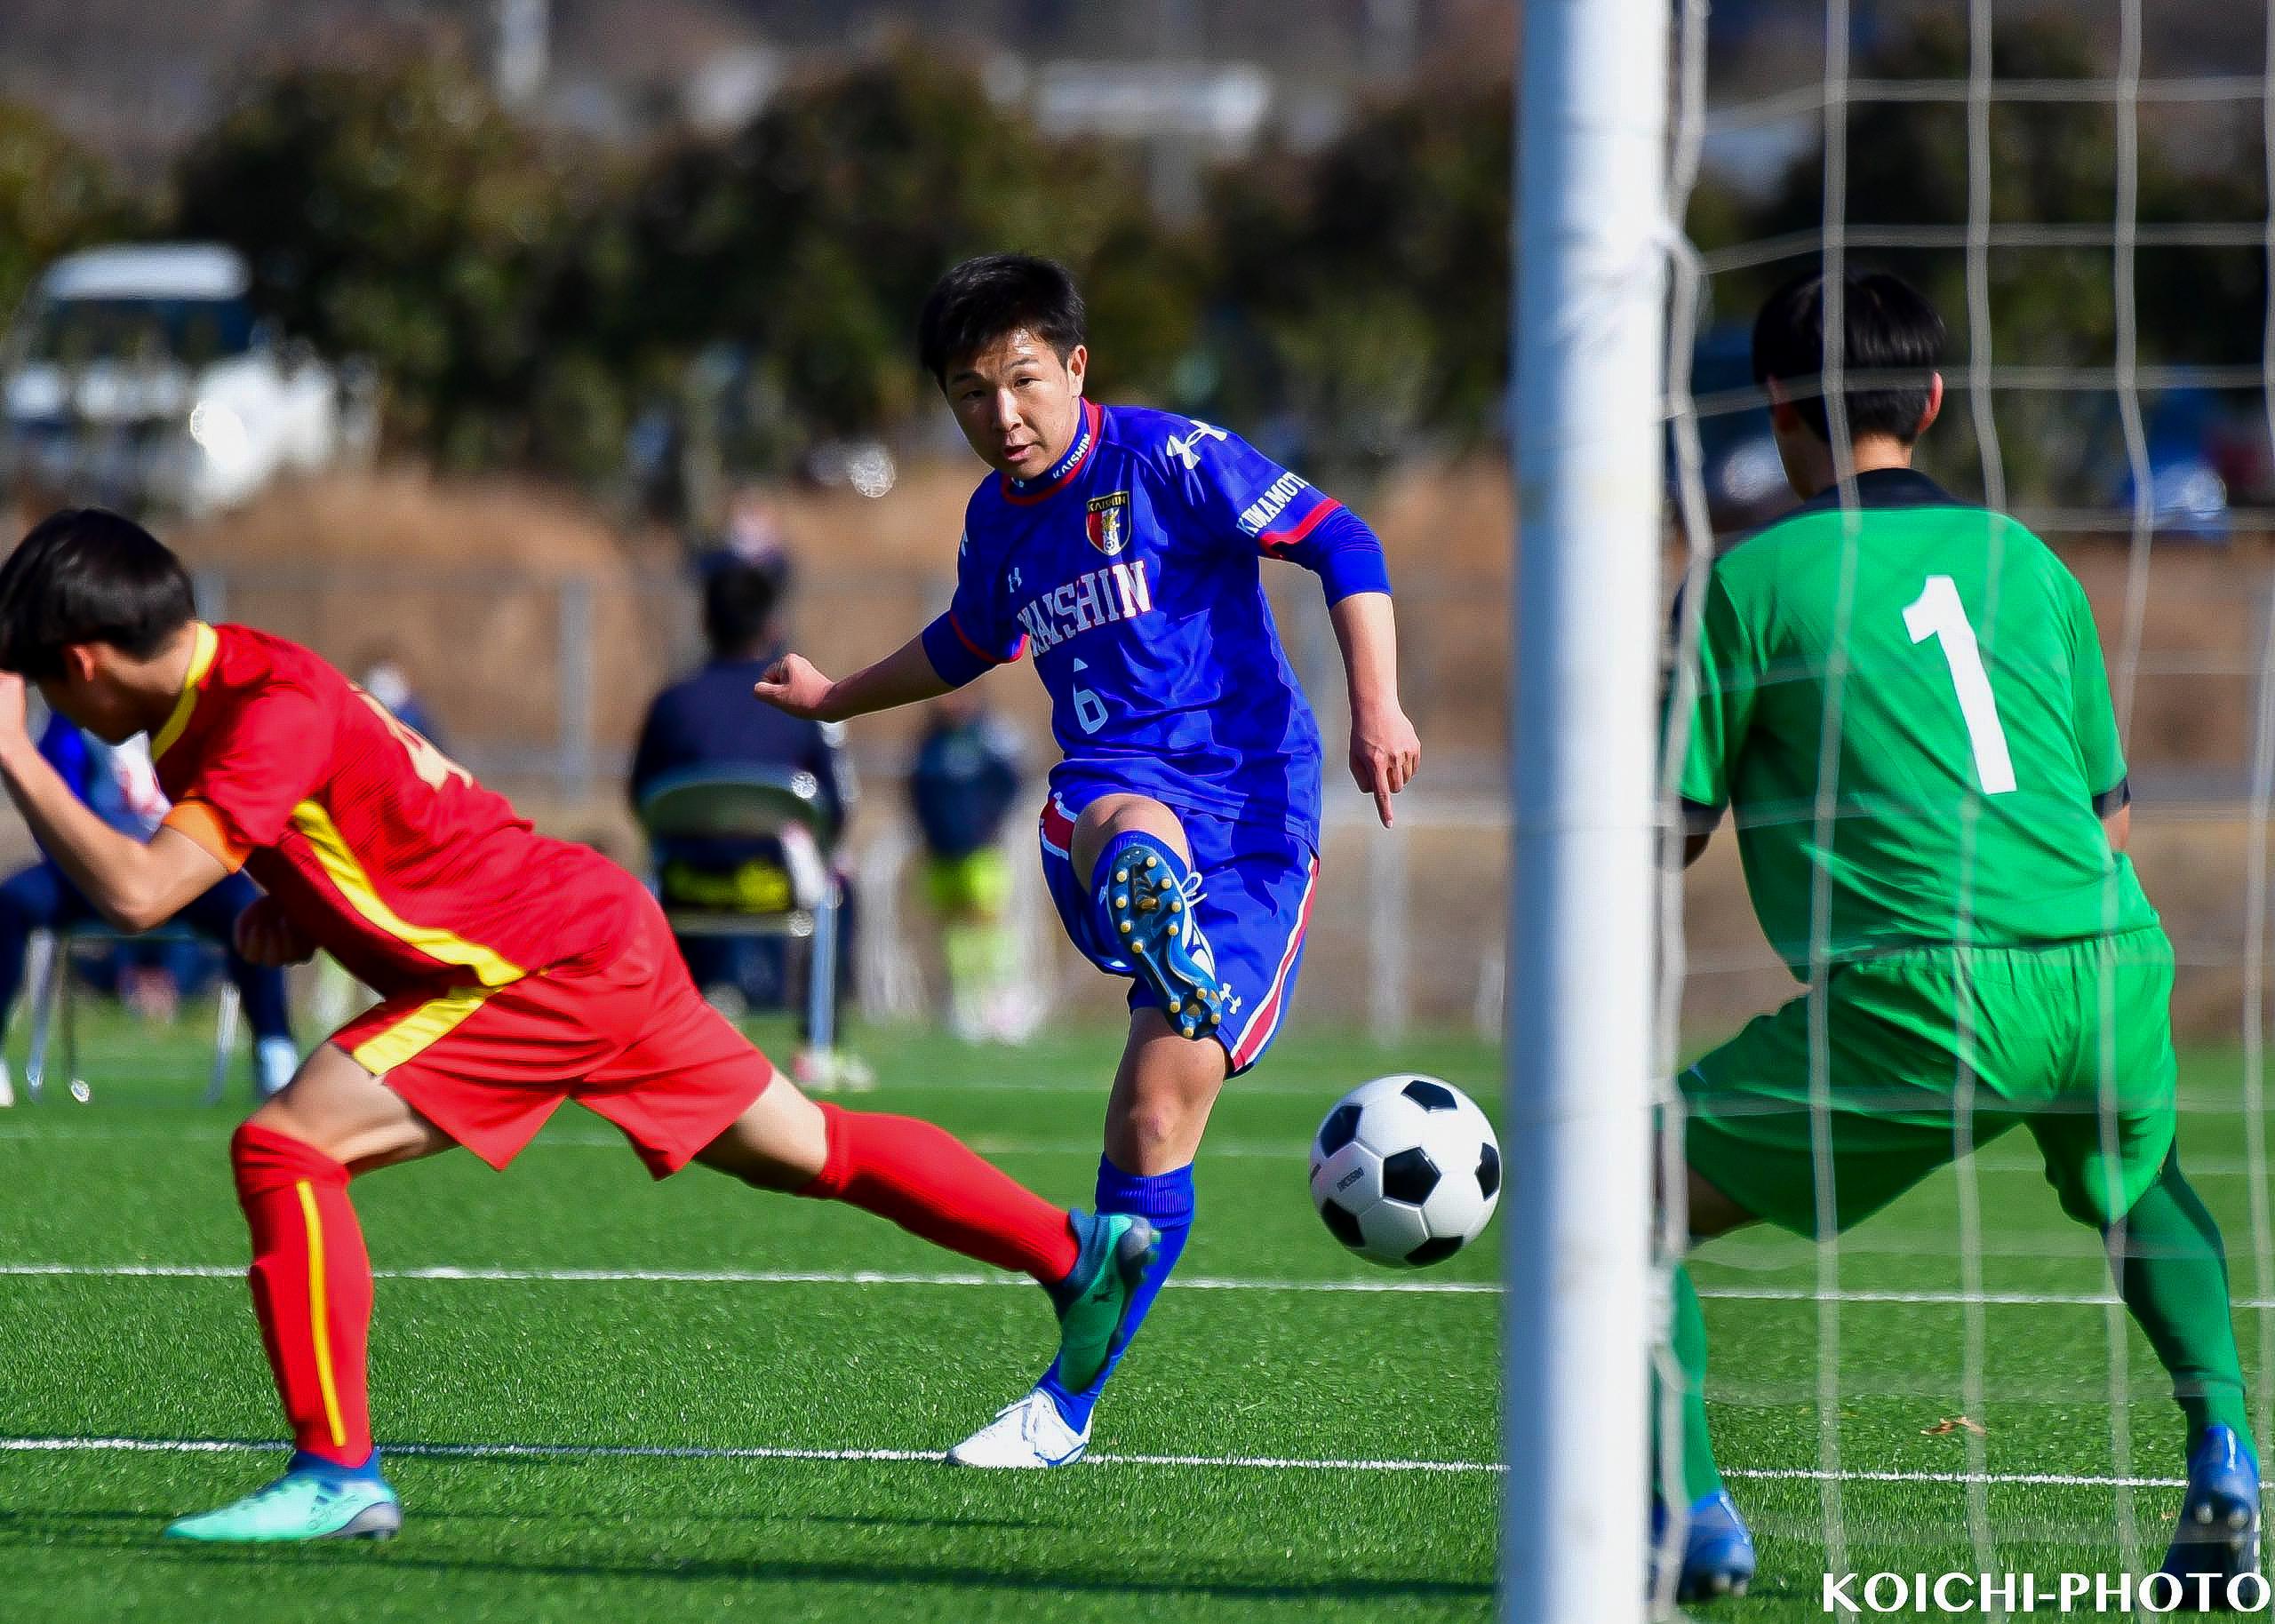 山口 県 高校 サッカー 新人 戦 2021 高校サッカー速報 山口 - FC2